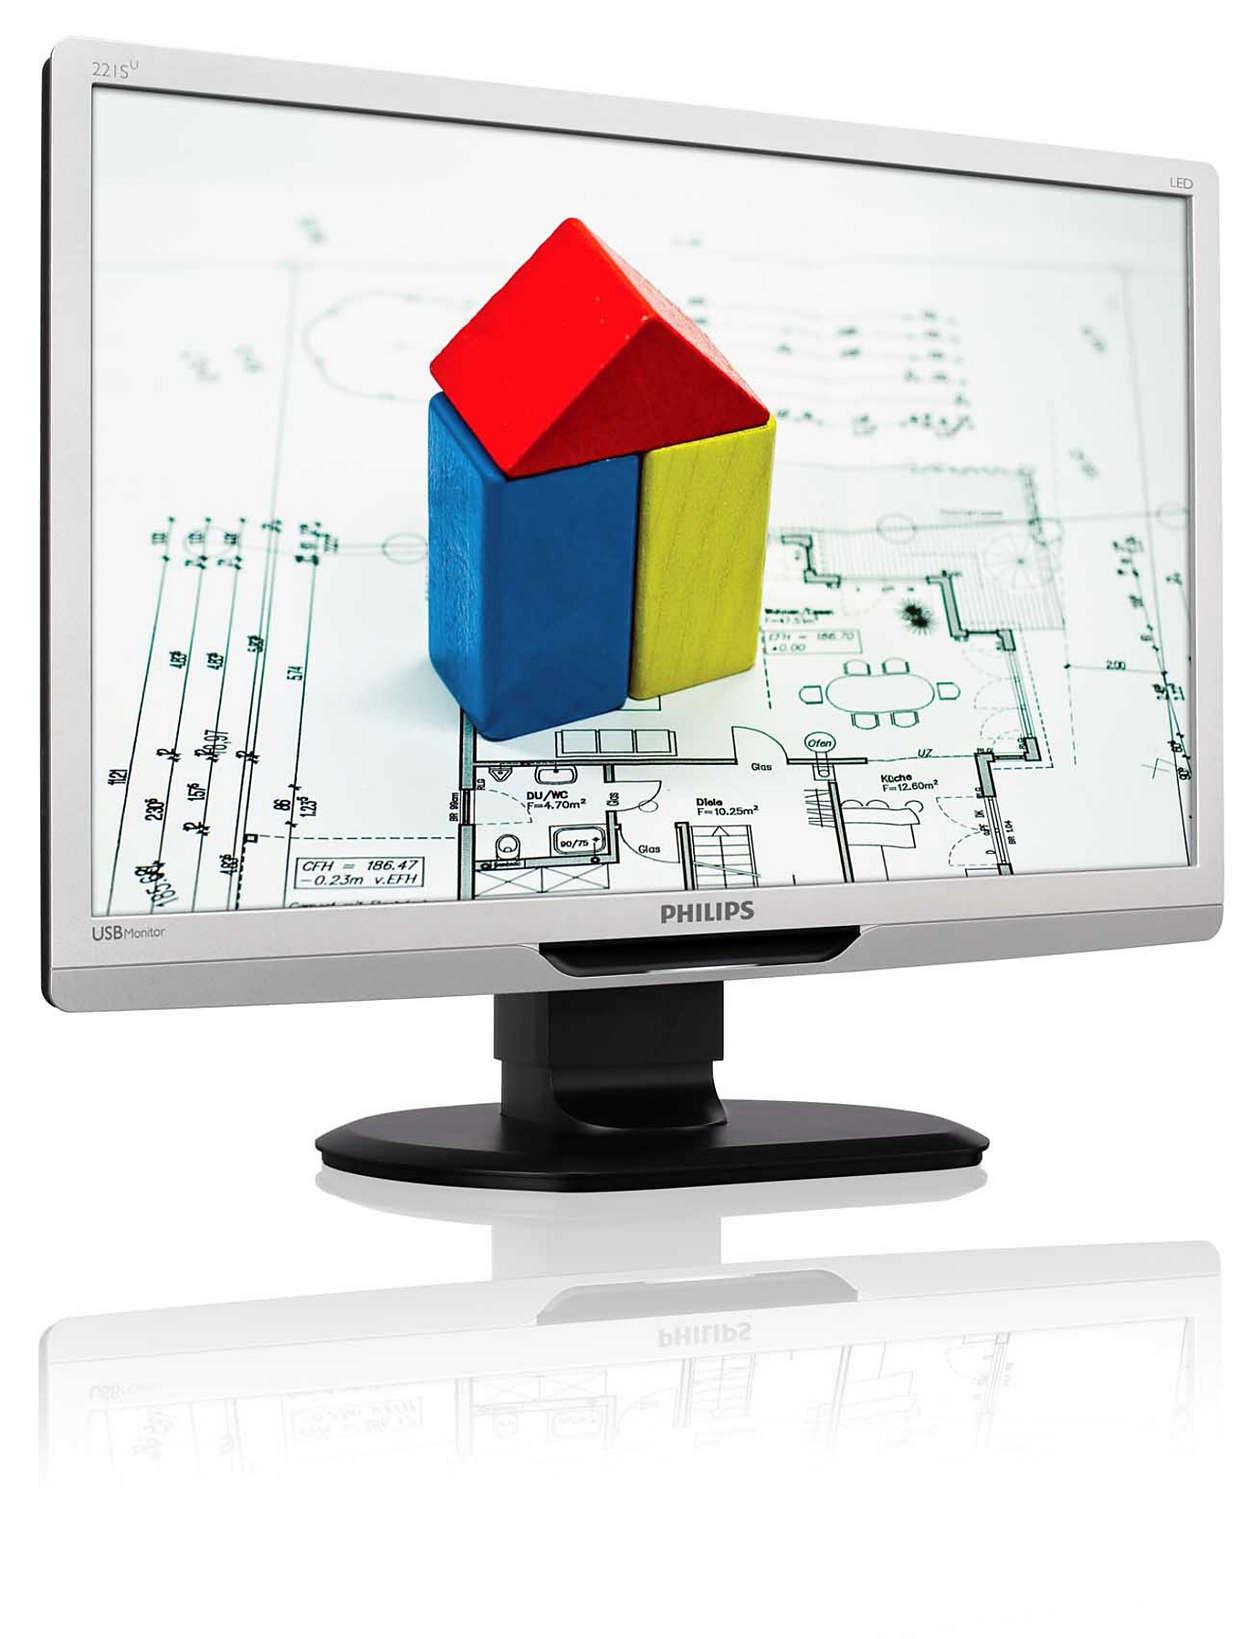 Kemudahan dengan monitor USB